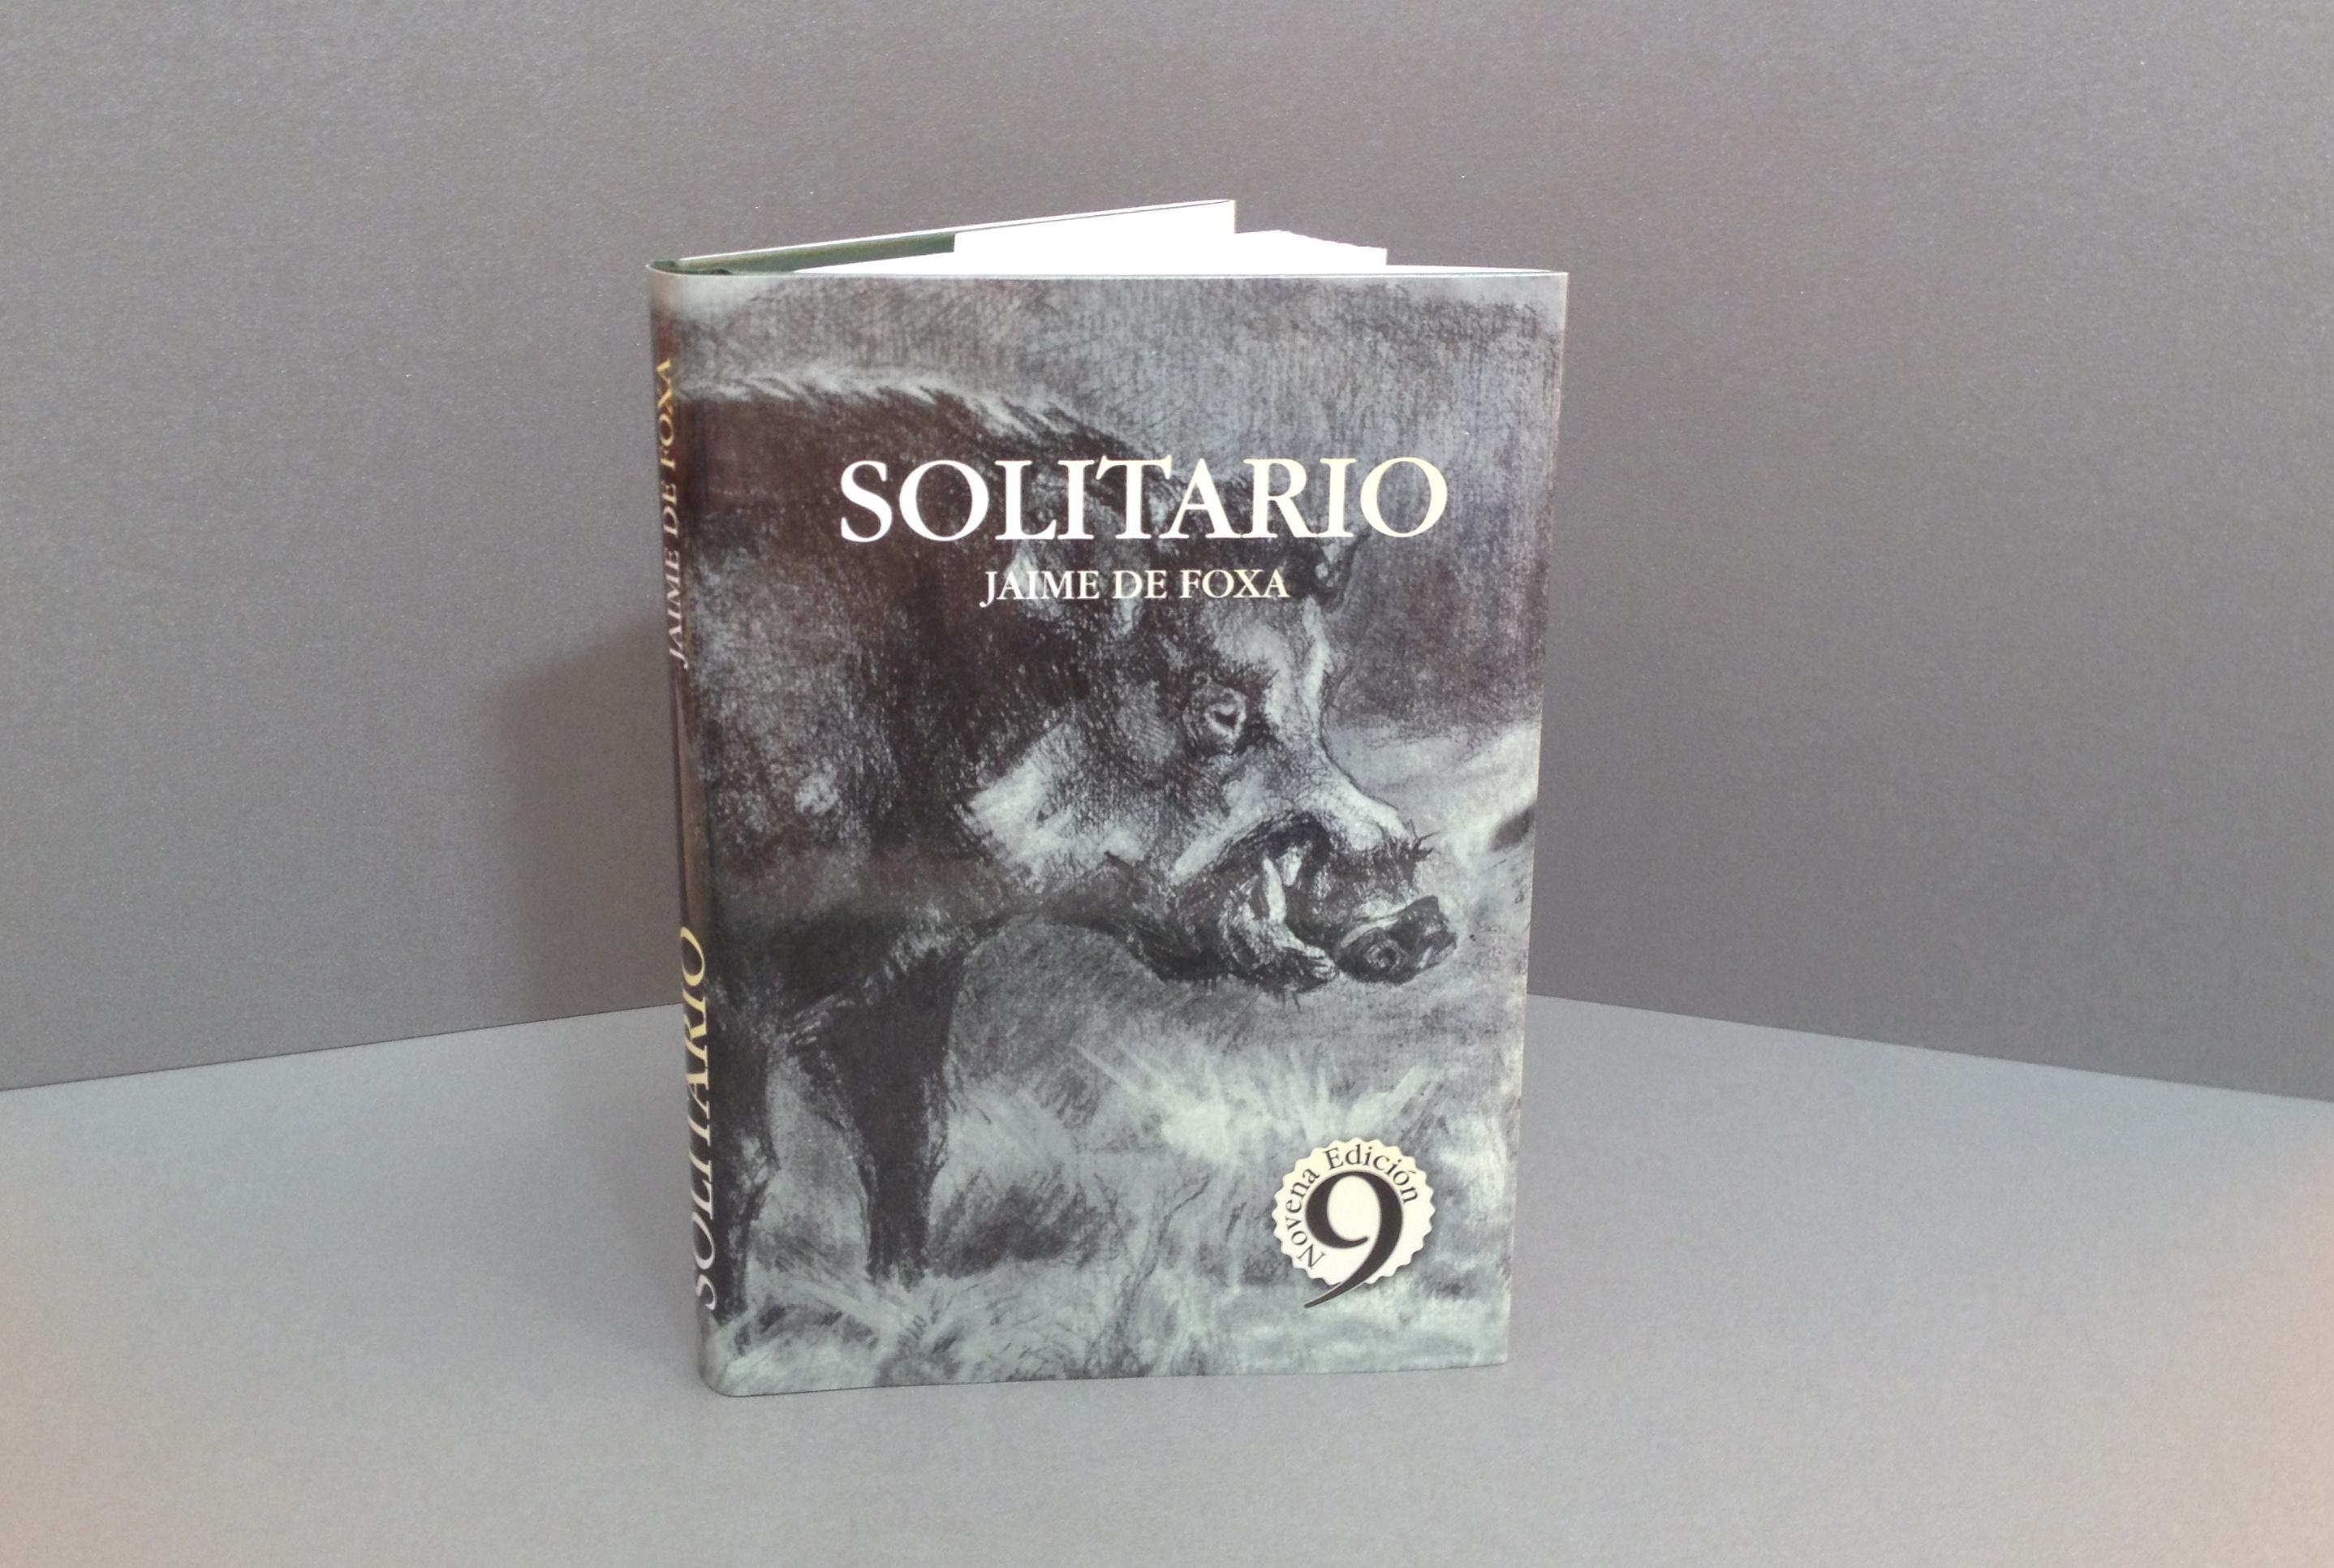 Libro SOLITARIO.jpg